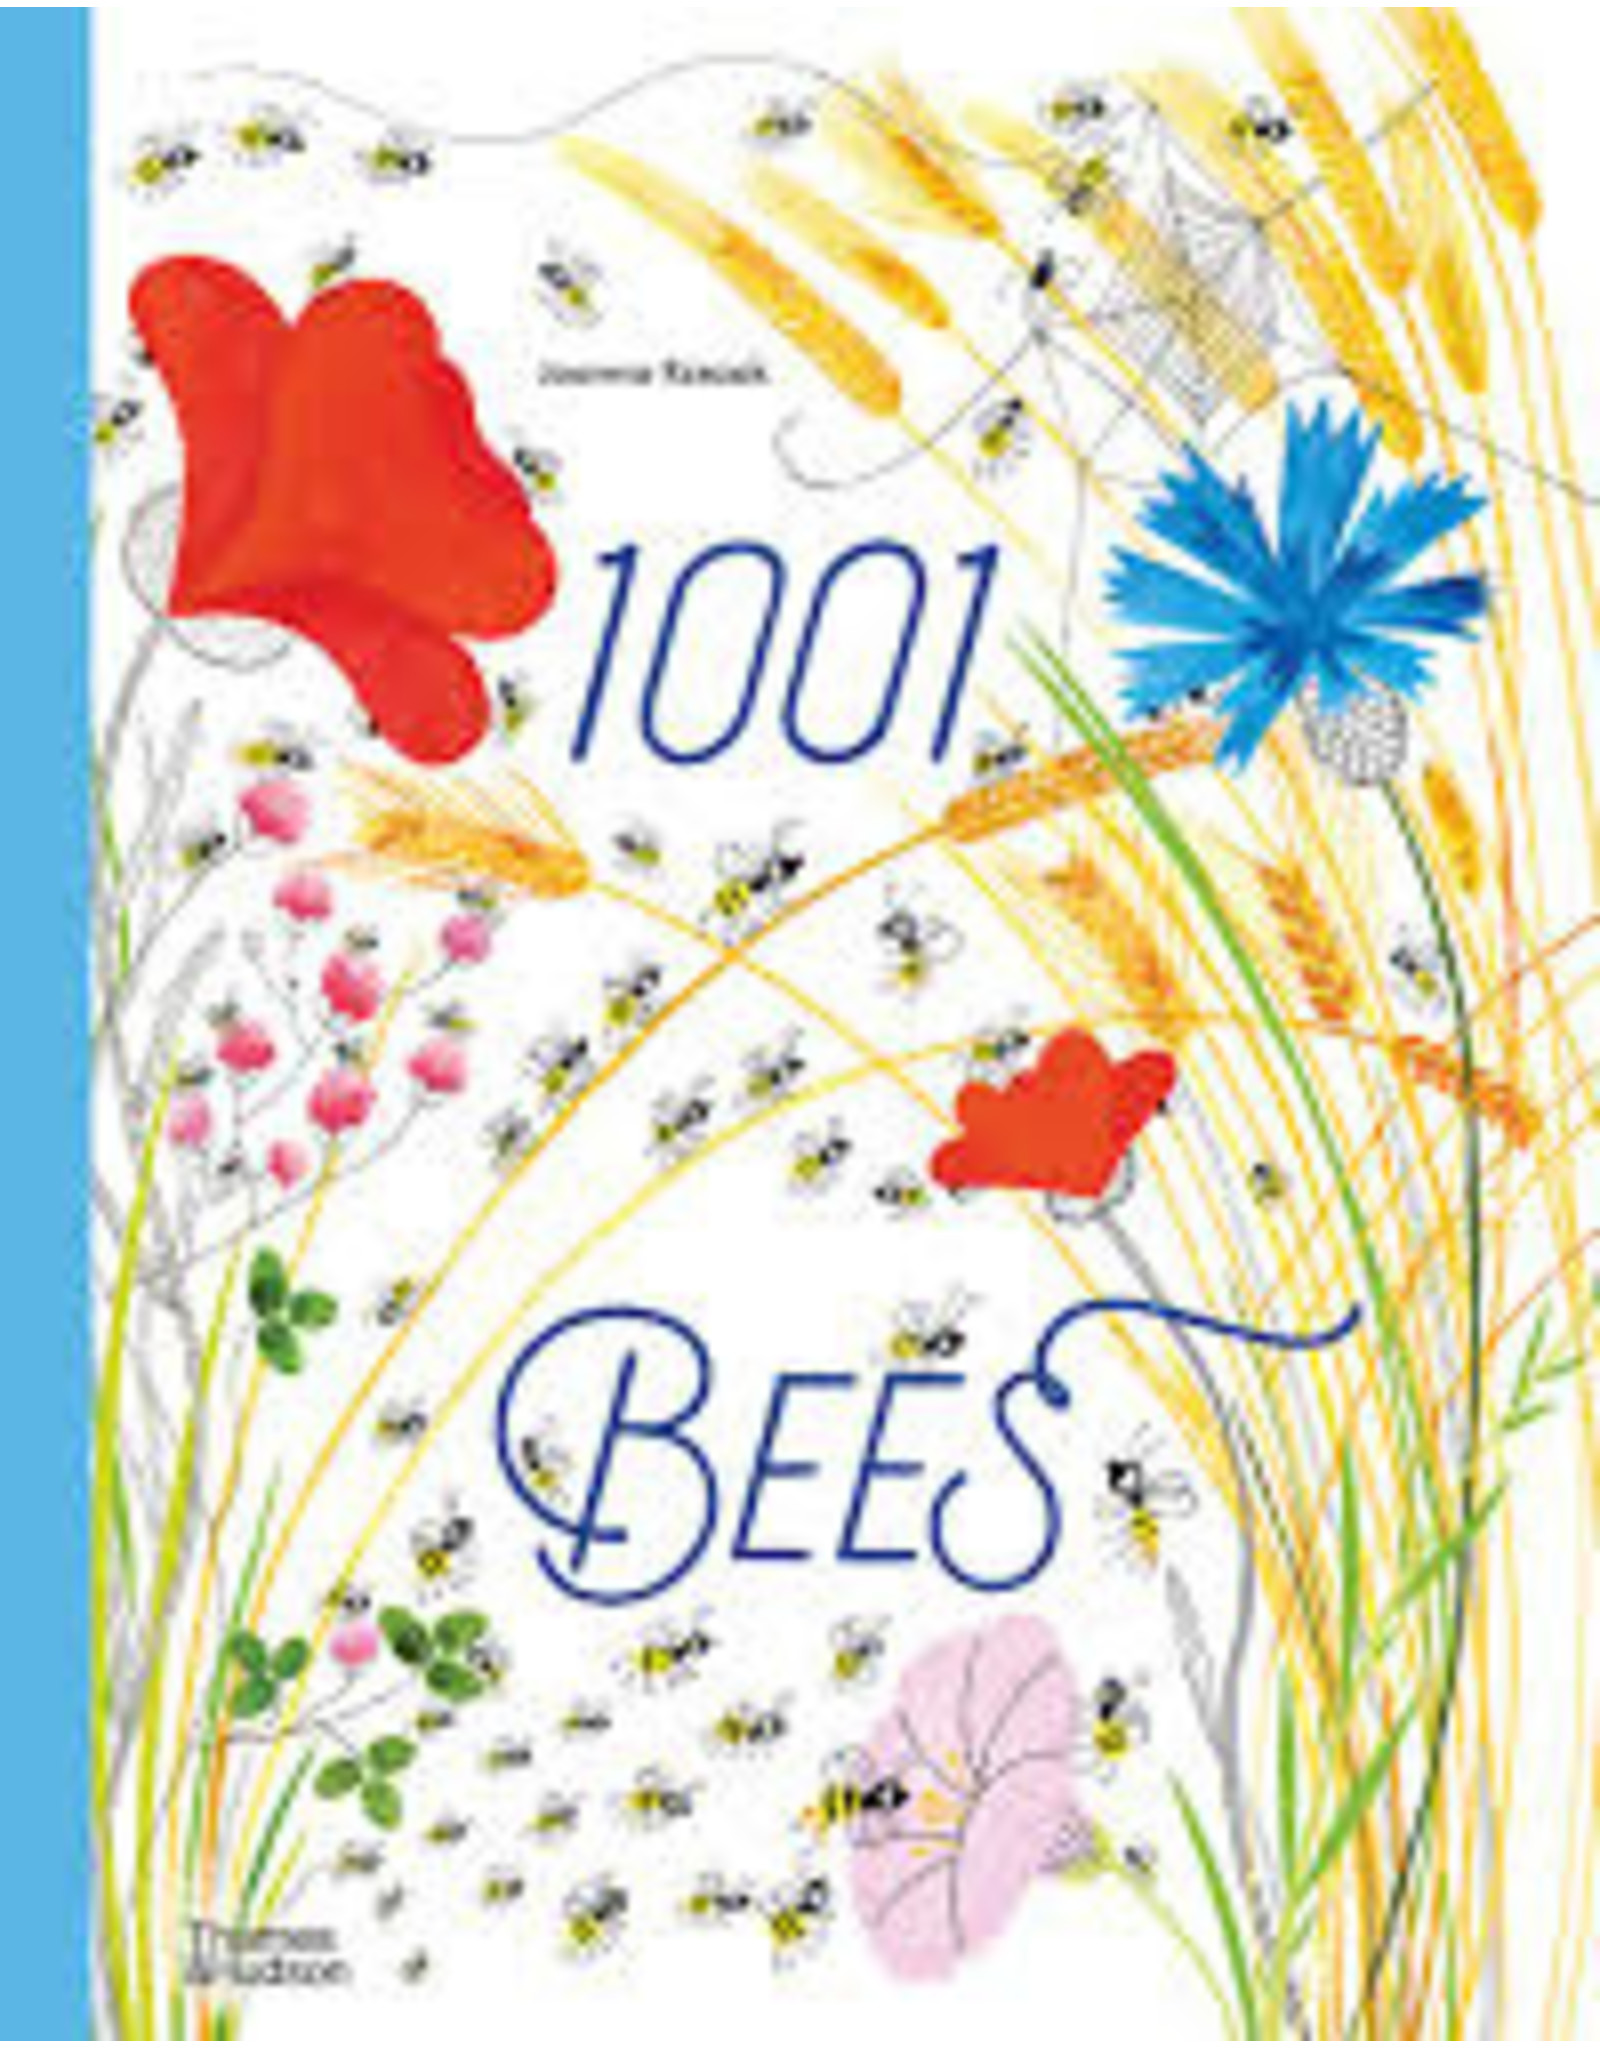 Books 1001 Bees by Joanna Rzezak